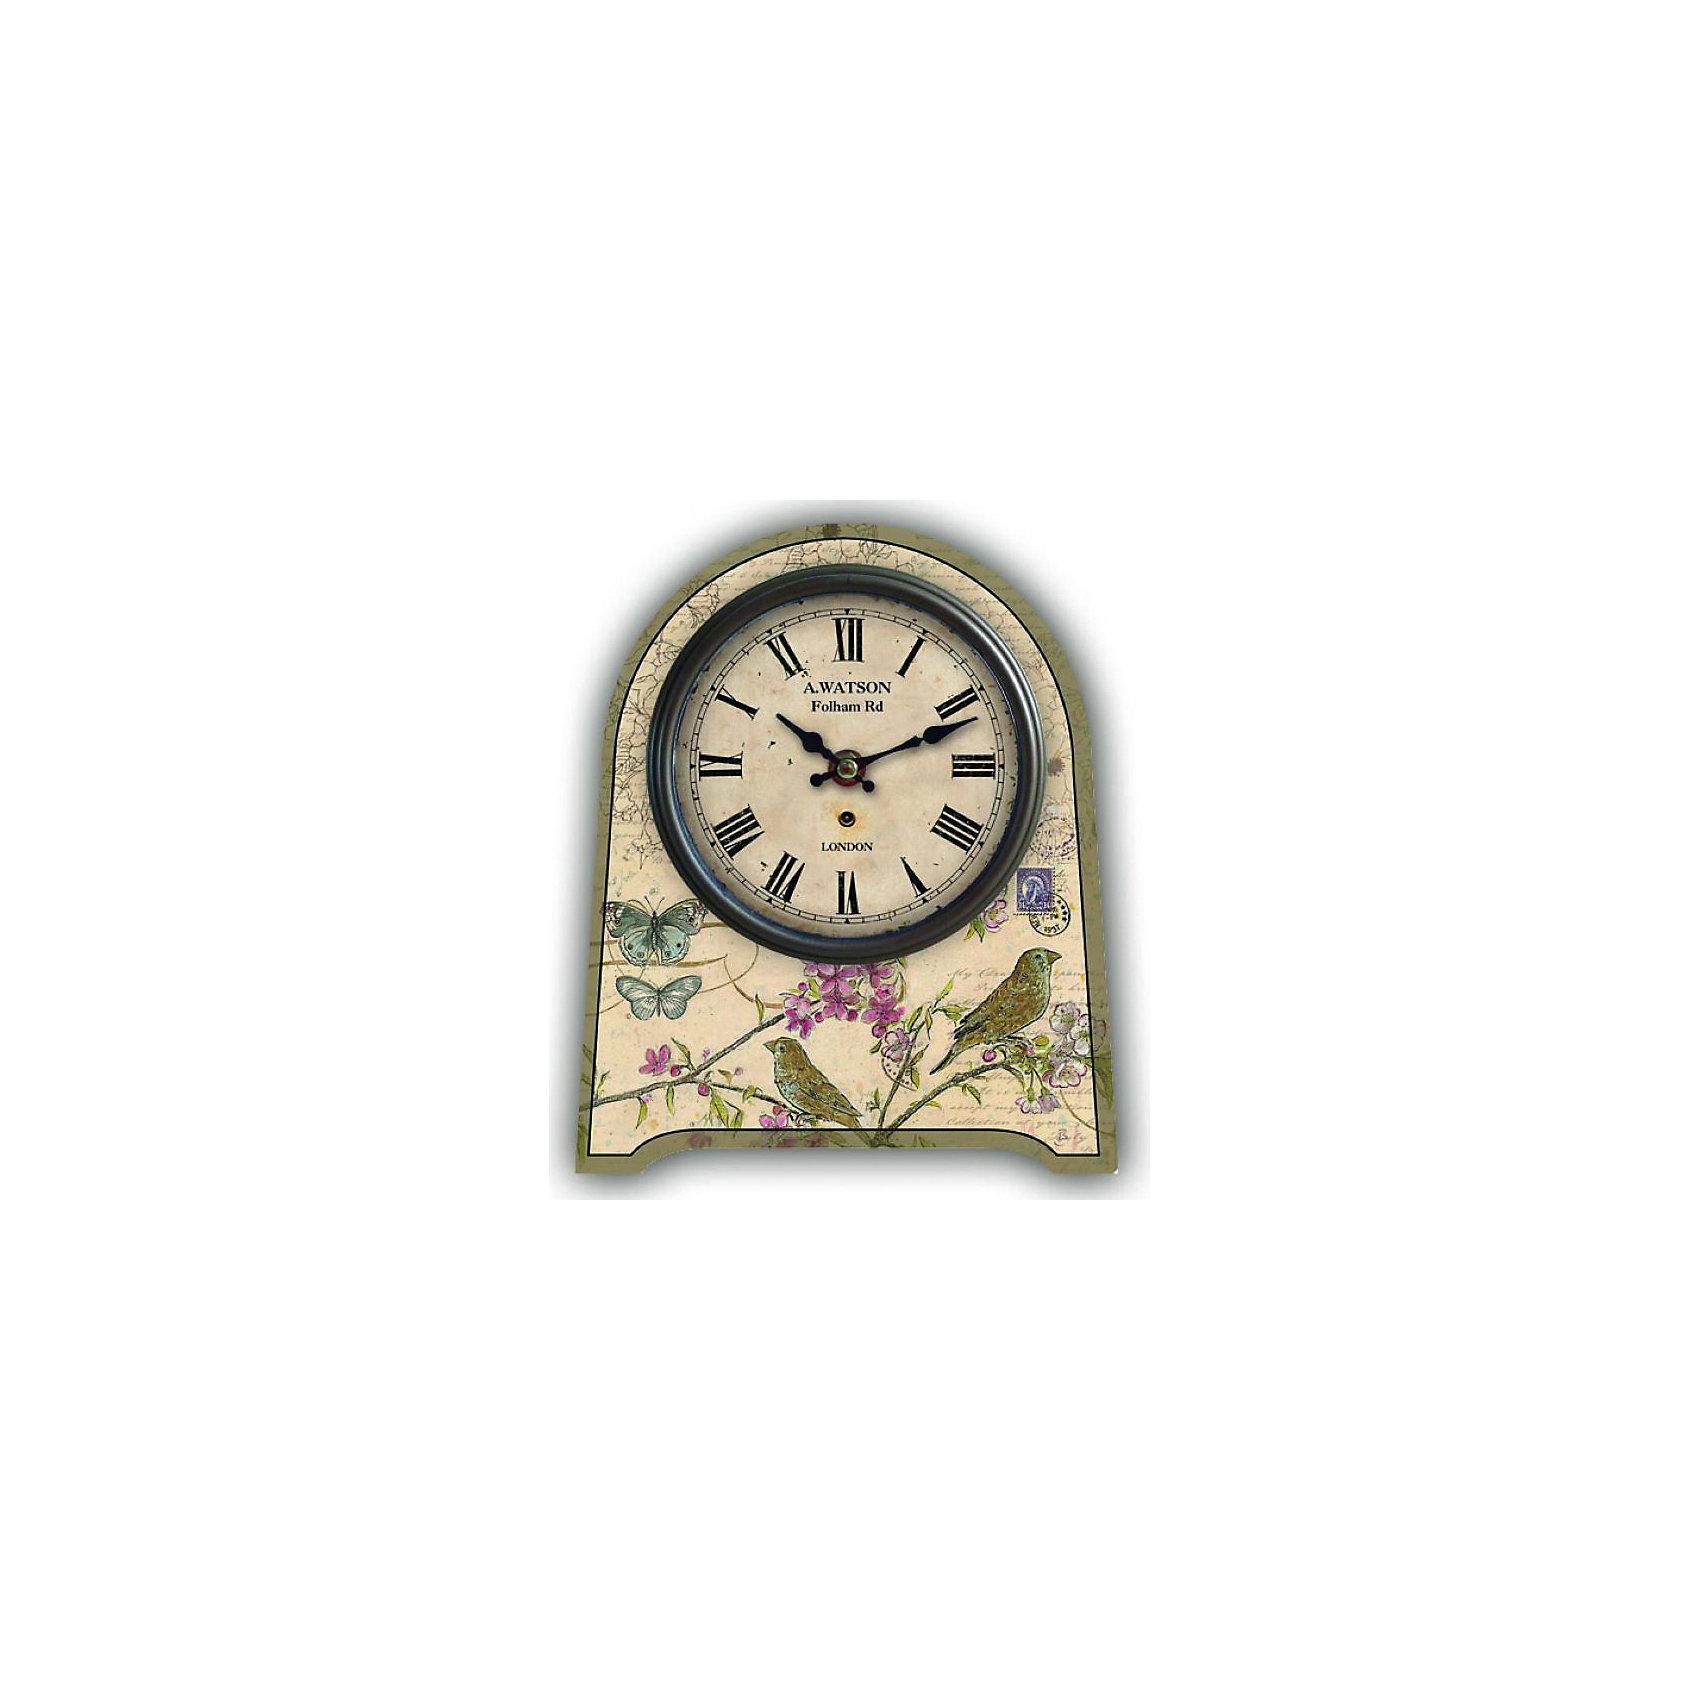 Часы настольные Бабочки и птички кварцевые, с циферблатом, Феникс-ПрезентПредметы интерьера<br>Часы настольные Бабочки и птички кварцевые, с циферблатом, Феникс-Презент<br><br>Характеристики:<br><br>• оригинальный дизайн<br>• яркий рисунок<br>• тип часов: кварцевые<br>• размер: 20х24 см<br>• материал: МДФ<br>• батарейки: АА - 1 шт. (не входит в комплект)<br><br>Настольные часы Бабочки и птички станут приятным украшением для любой комнаты. Изделие изготовлено из экологически чистых материалов. Поверхность часов оформлена красочным рисунком с изображением птиц и бабочек. Часы имеют две стрелки (часовая и минутная). Оригинальный дизайн подчеркнет индивидуальность и стиль интерьера.<br><br>Часы настольные Бабочки и птички кварцевые, с циферблатом, Феникс-Презент вы можете купить в нашем интернет-магазине.<br><br>Ширина мм: 200<br>Глубина мм: 240<br>Высота мм: 200<br>Вес г: 417<br>Возраст от месяцев: 120<br>Возраст до месяцев: 2147483647<br>Пол: Унисекс<br>Возраст: Детский<br>SKU: 5449705